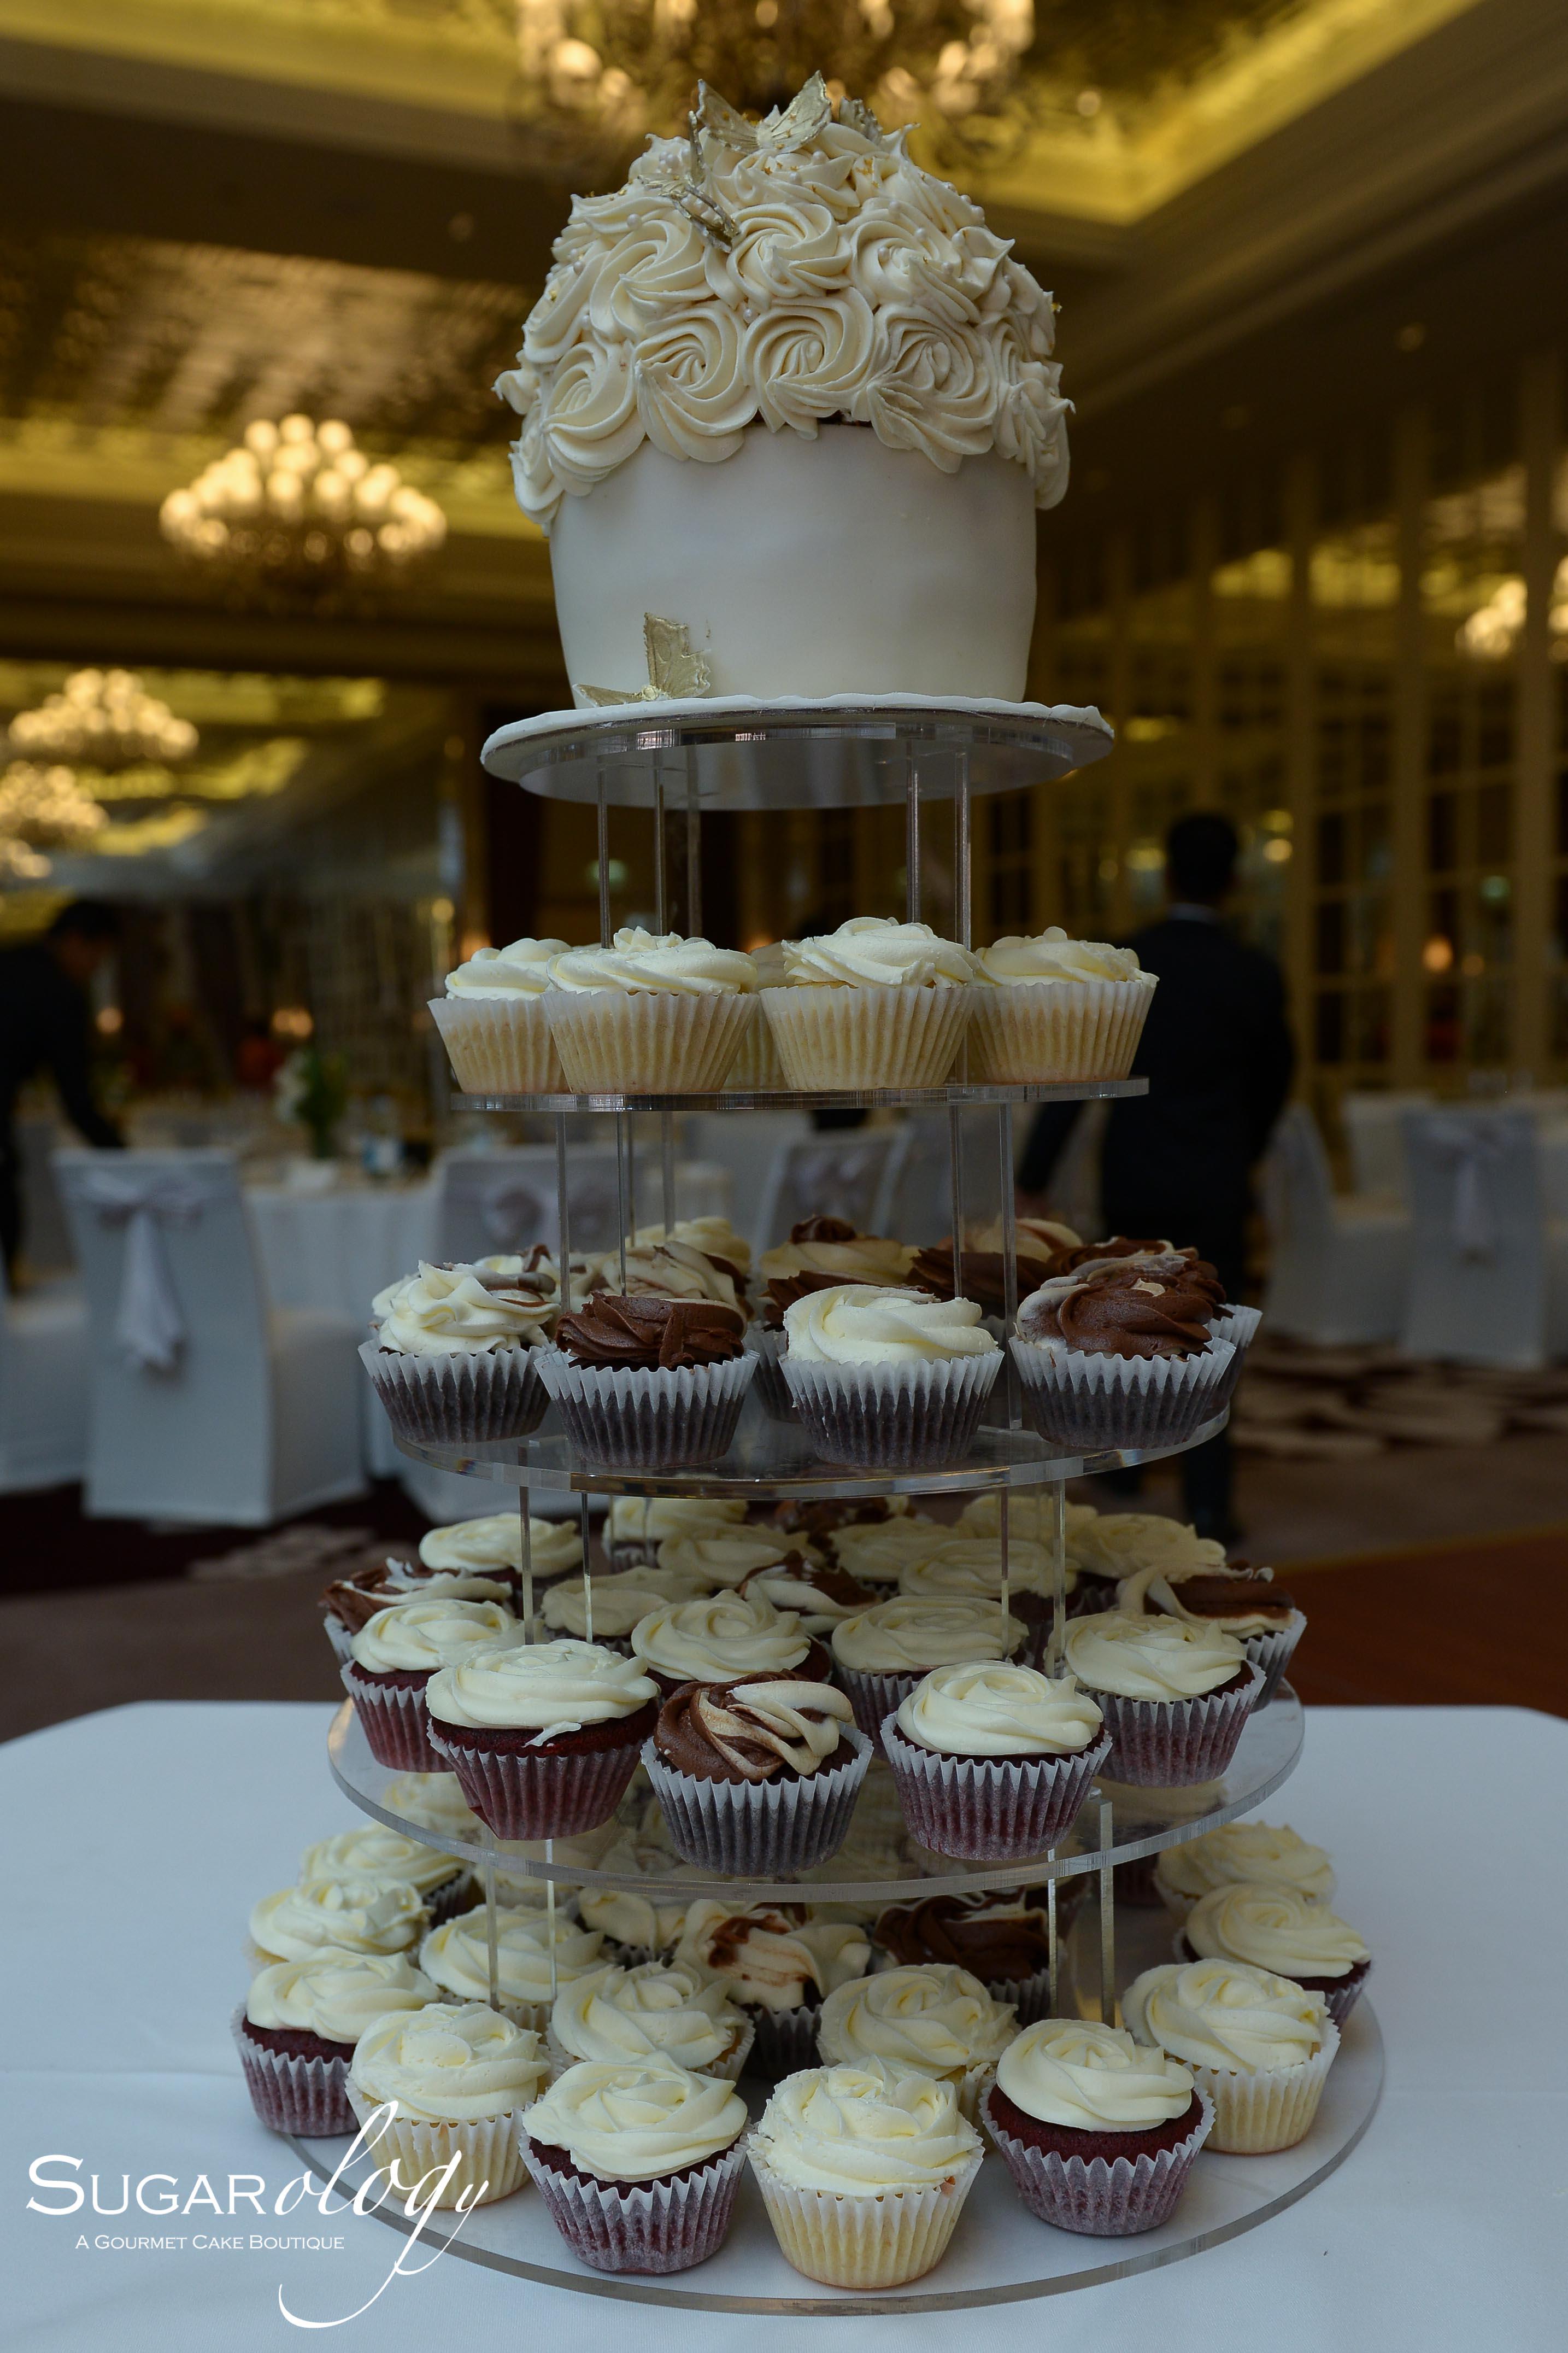 Giant Cupcake tower wedding cake